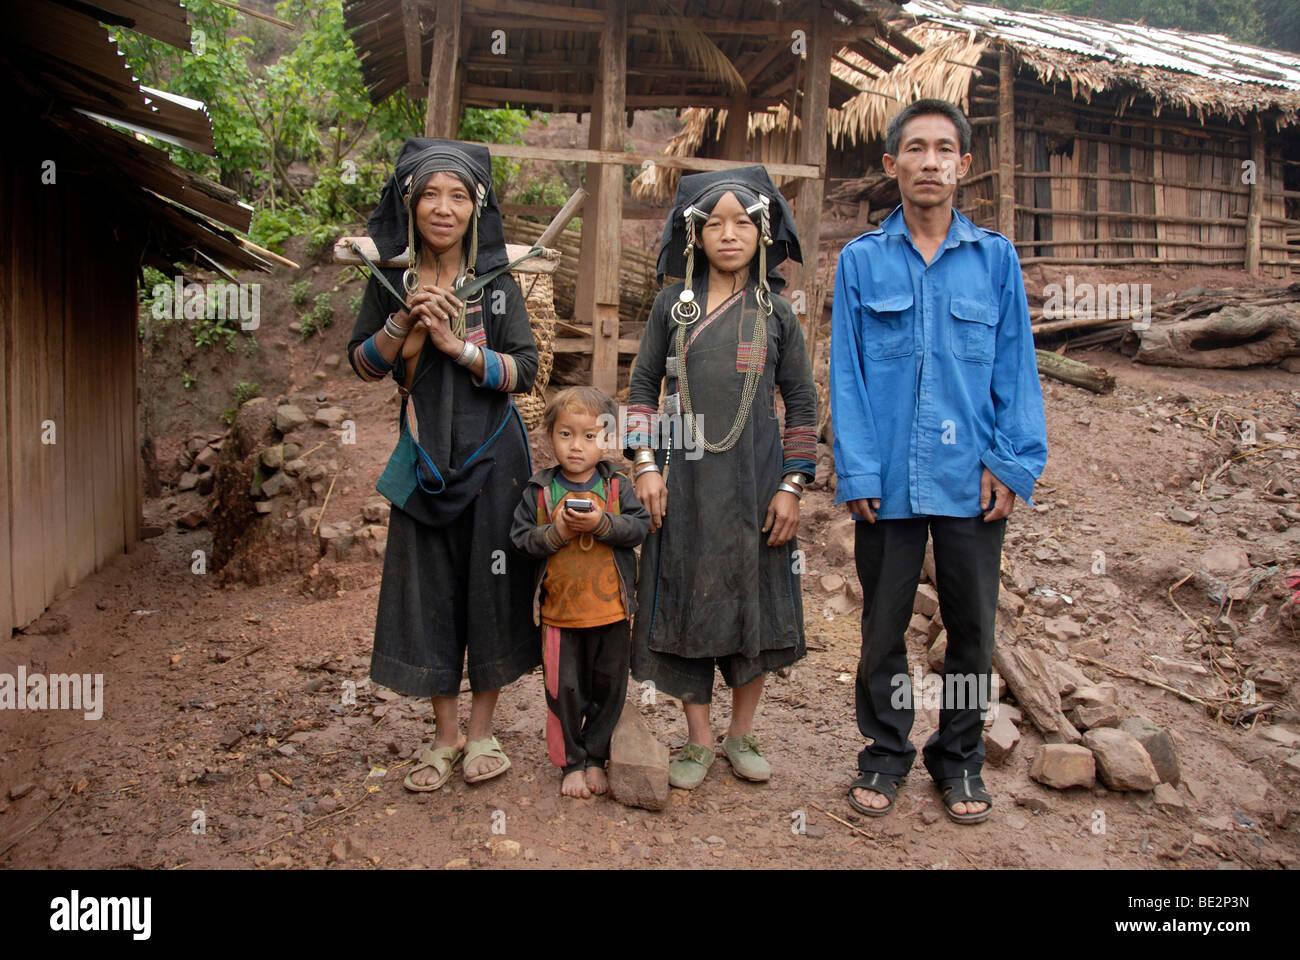 Armut, Porträt, Ethnologie, Familie der Akha Pixor Volksgruppe in traditioneller Kleidung, Frauen, Mann, Kind, Stockbild